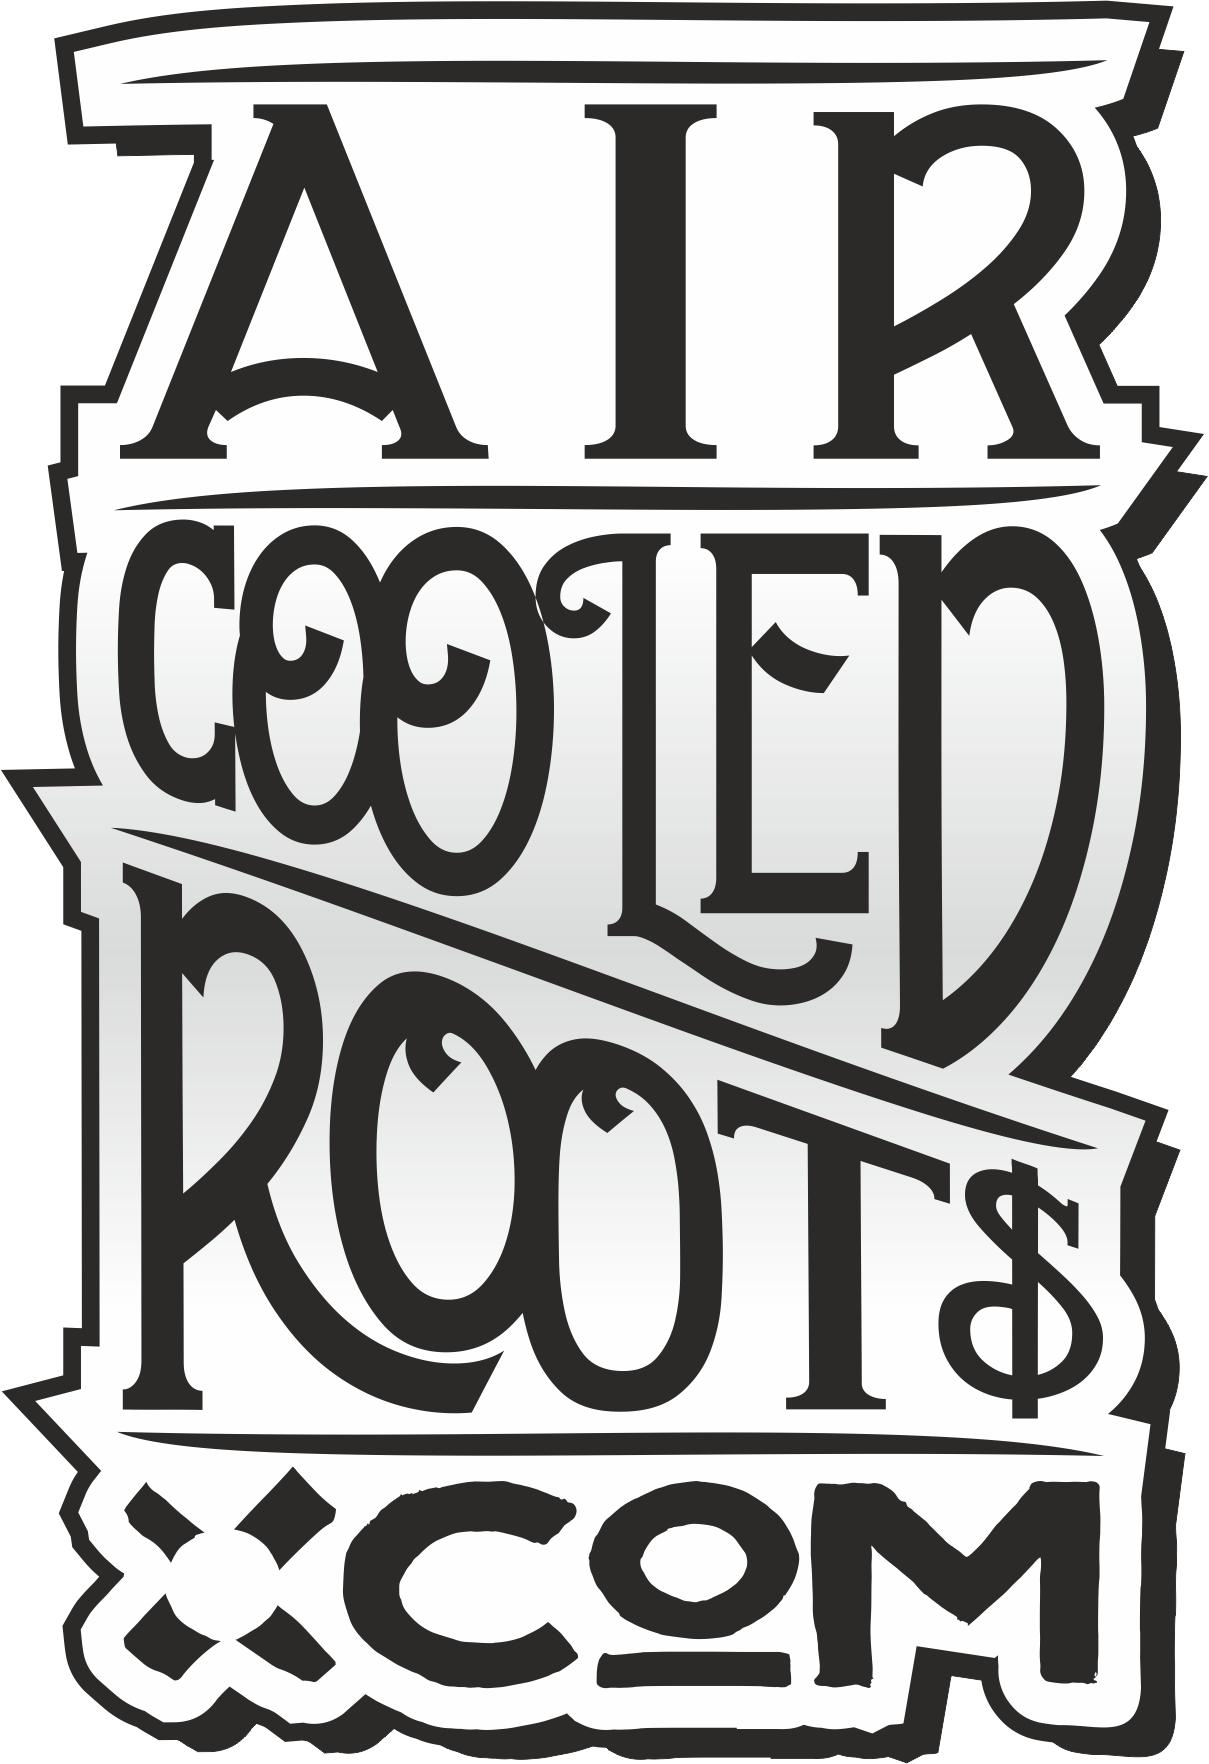 AircooledRoot$